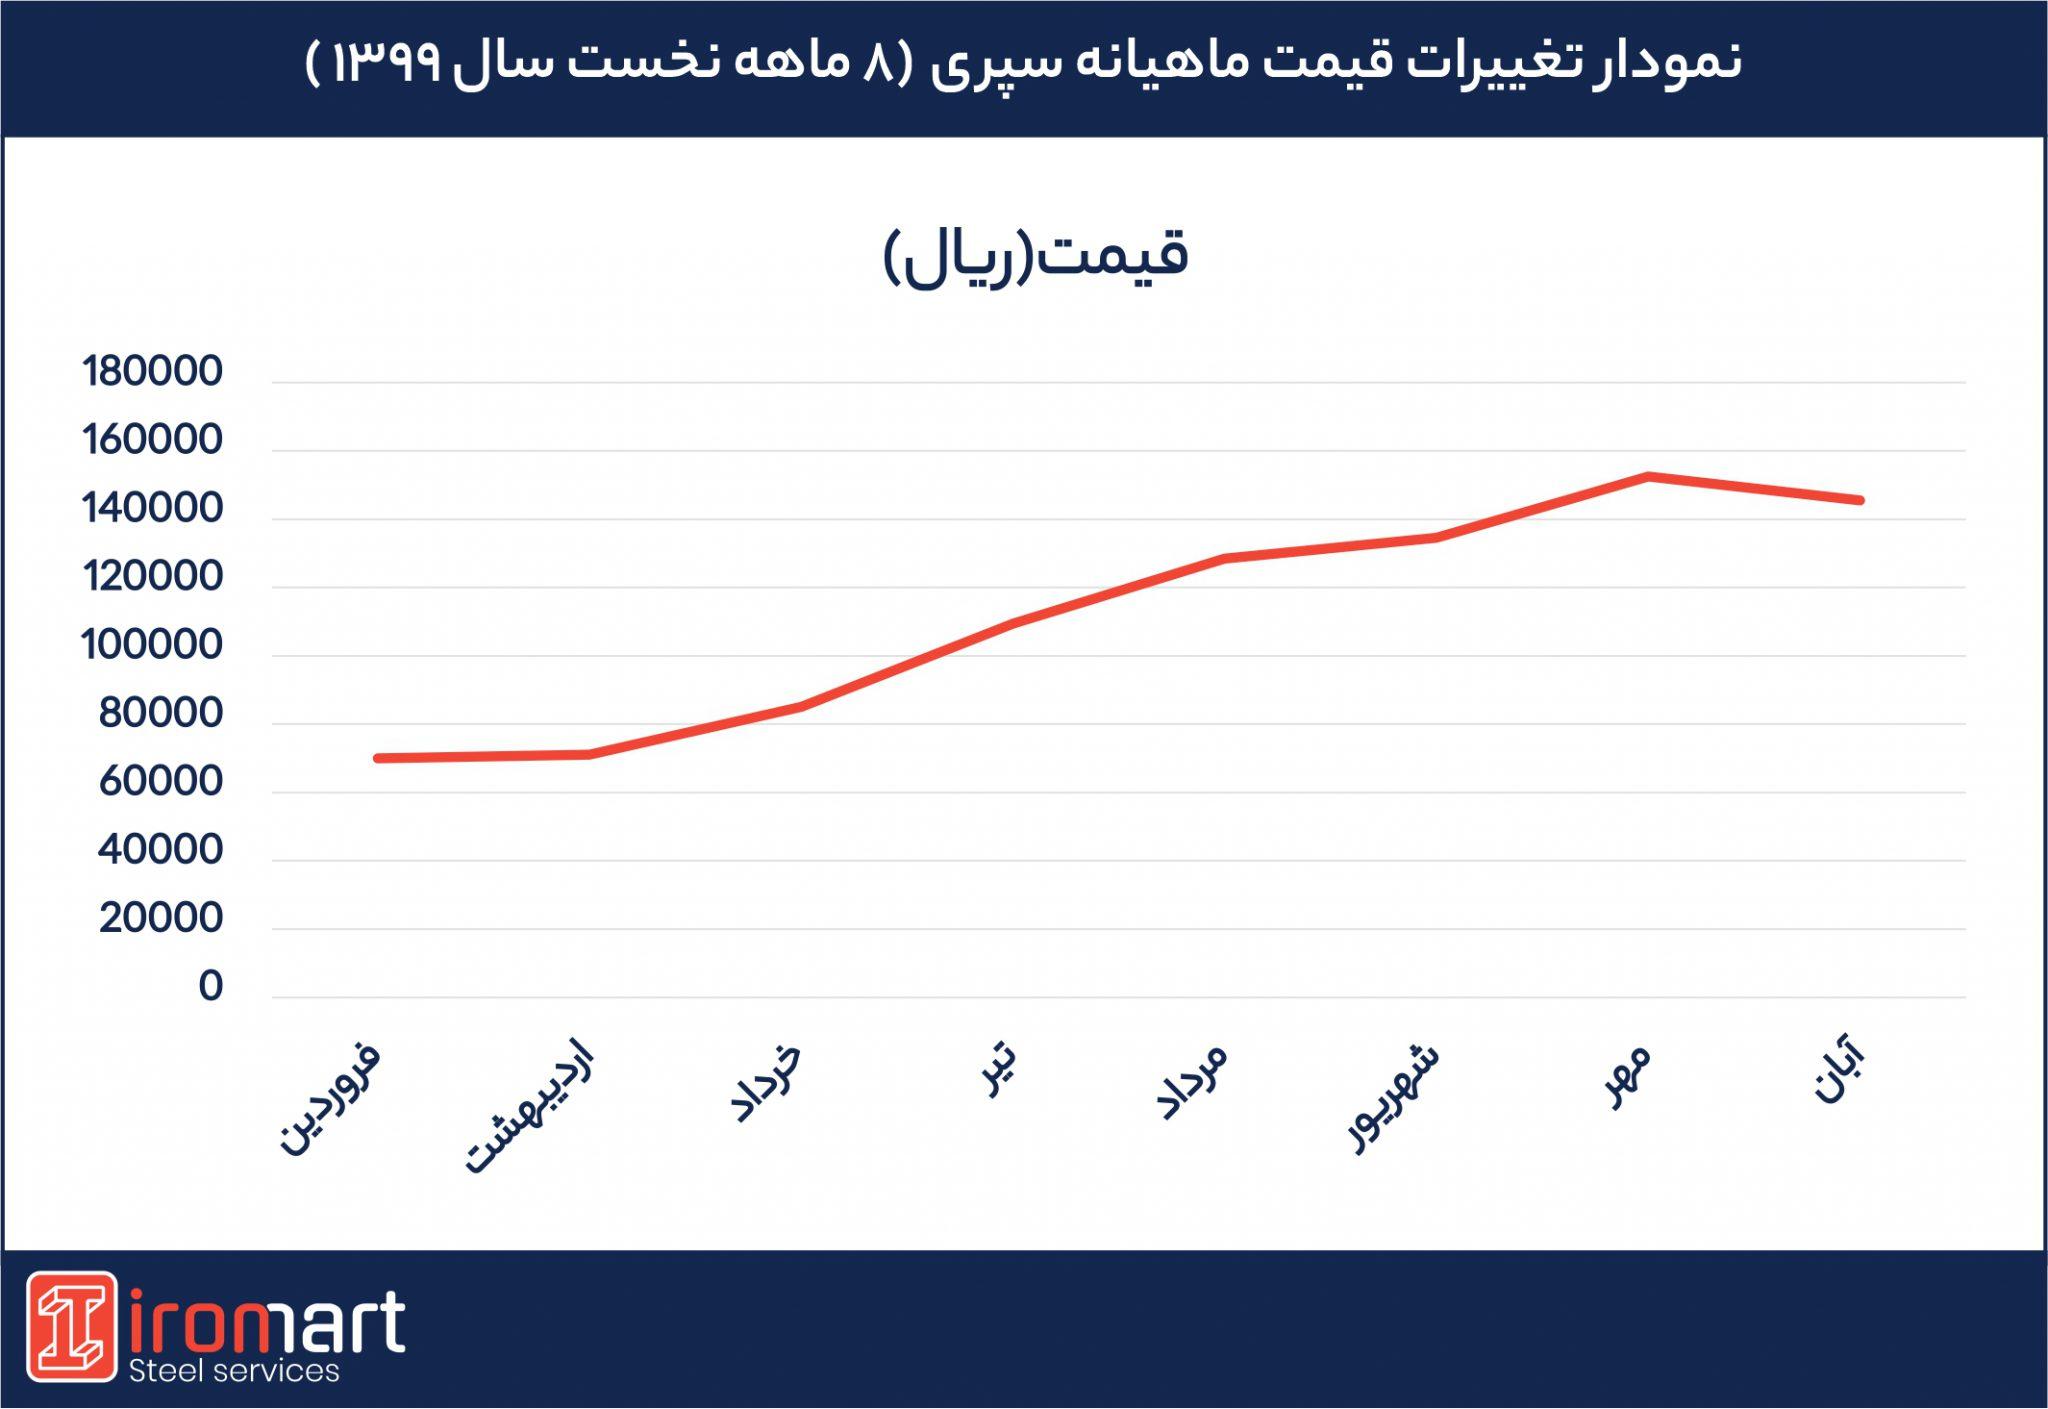 تغییرات قیمت سپری